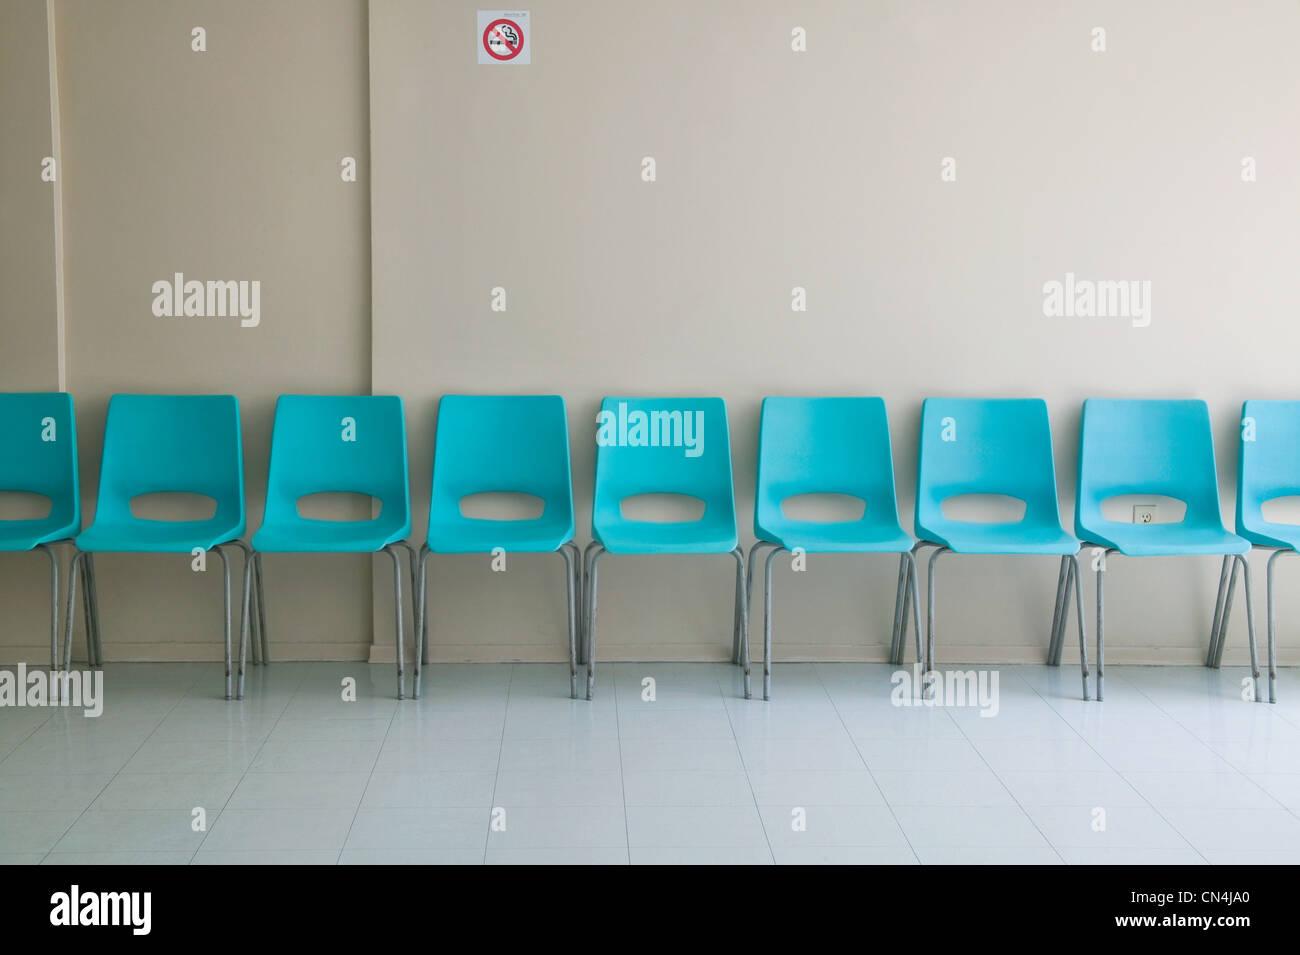 Fila de sillas de plástico Imagen De Stock